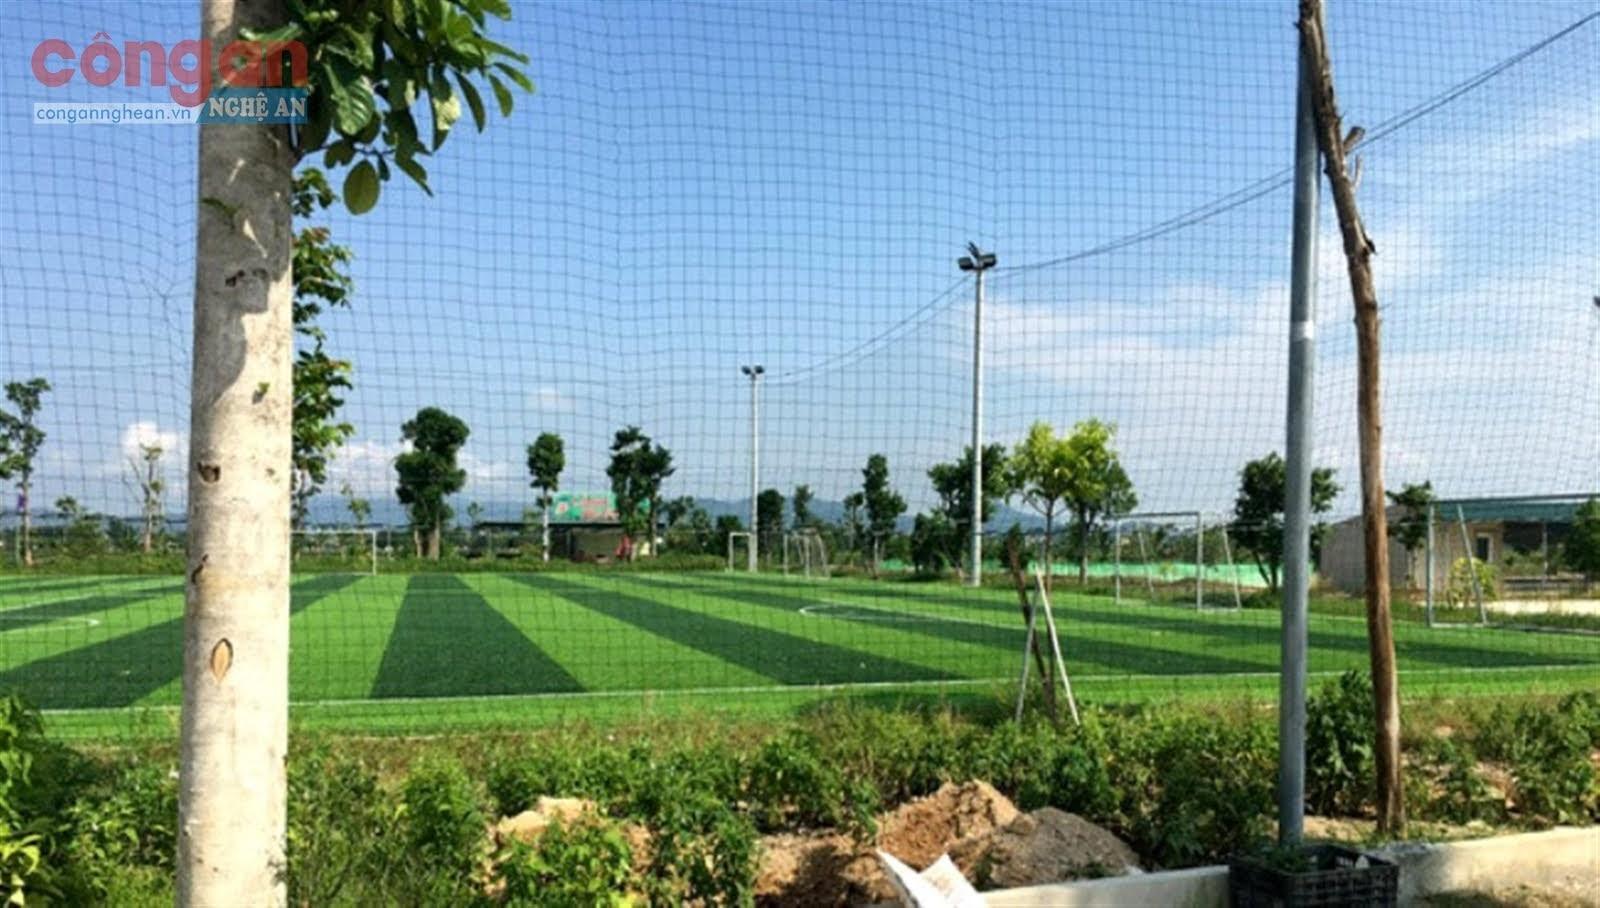 Sân cỏ nhân tạo nằm trong Dự án nuôi cá rô phi Isreal           công nghệ cao